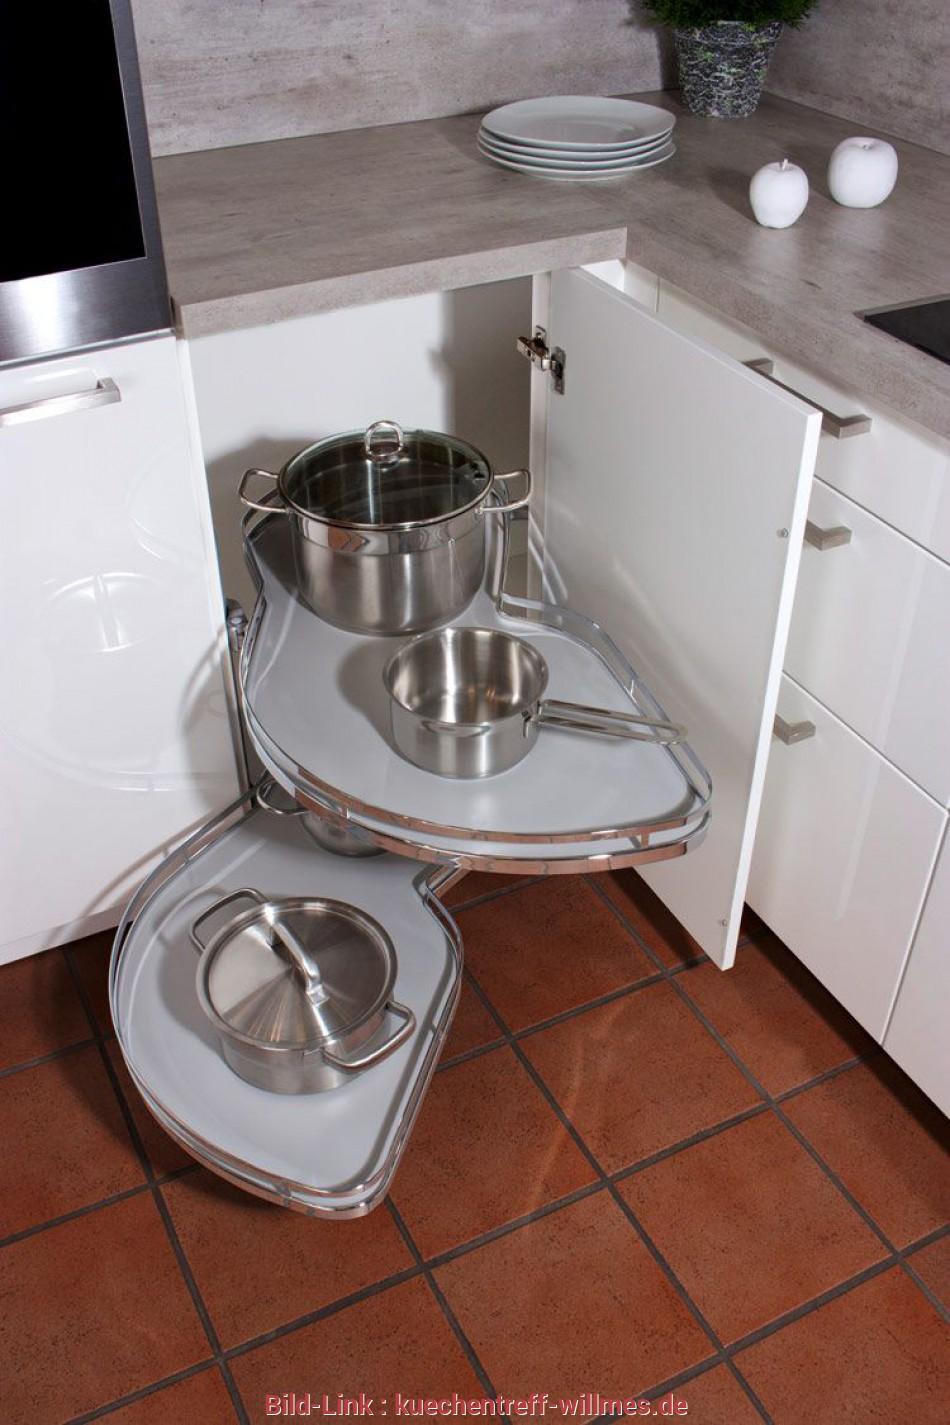 Full Size of Küchen Eckschrank Rondell 5 Einfach Kche Regal Küche Bad Schlafzimmer Wohnzimmer Küchen Eckschrank Rondell